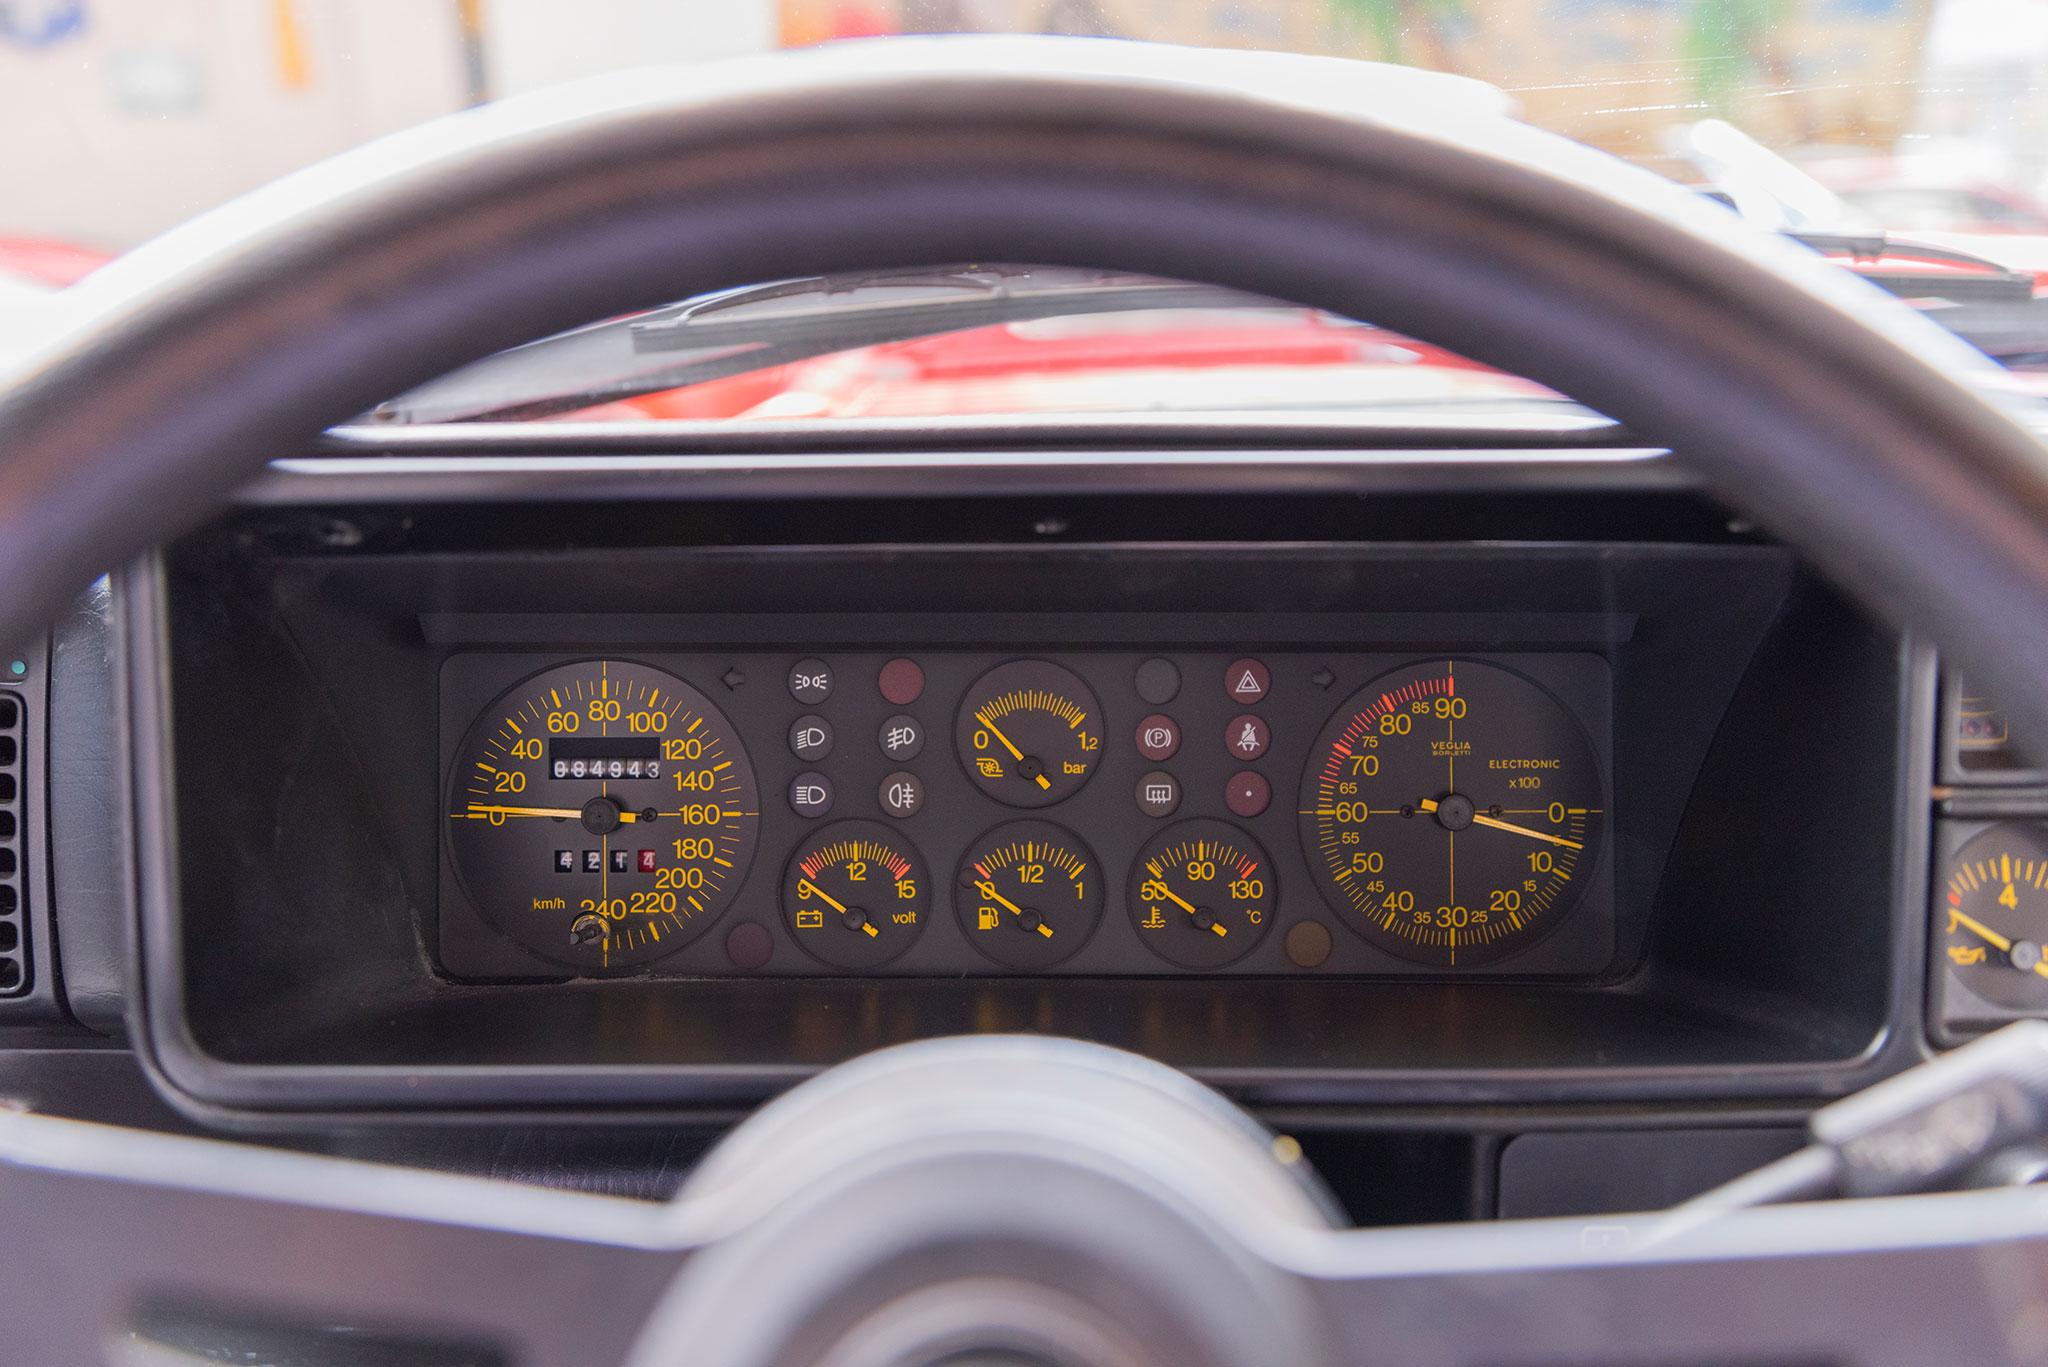 1990 Lancia Delta HF Integrale détail des compteurs et manomètres.